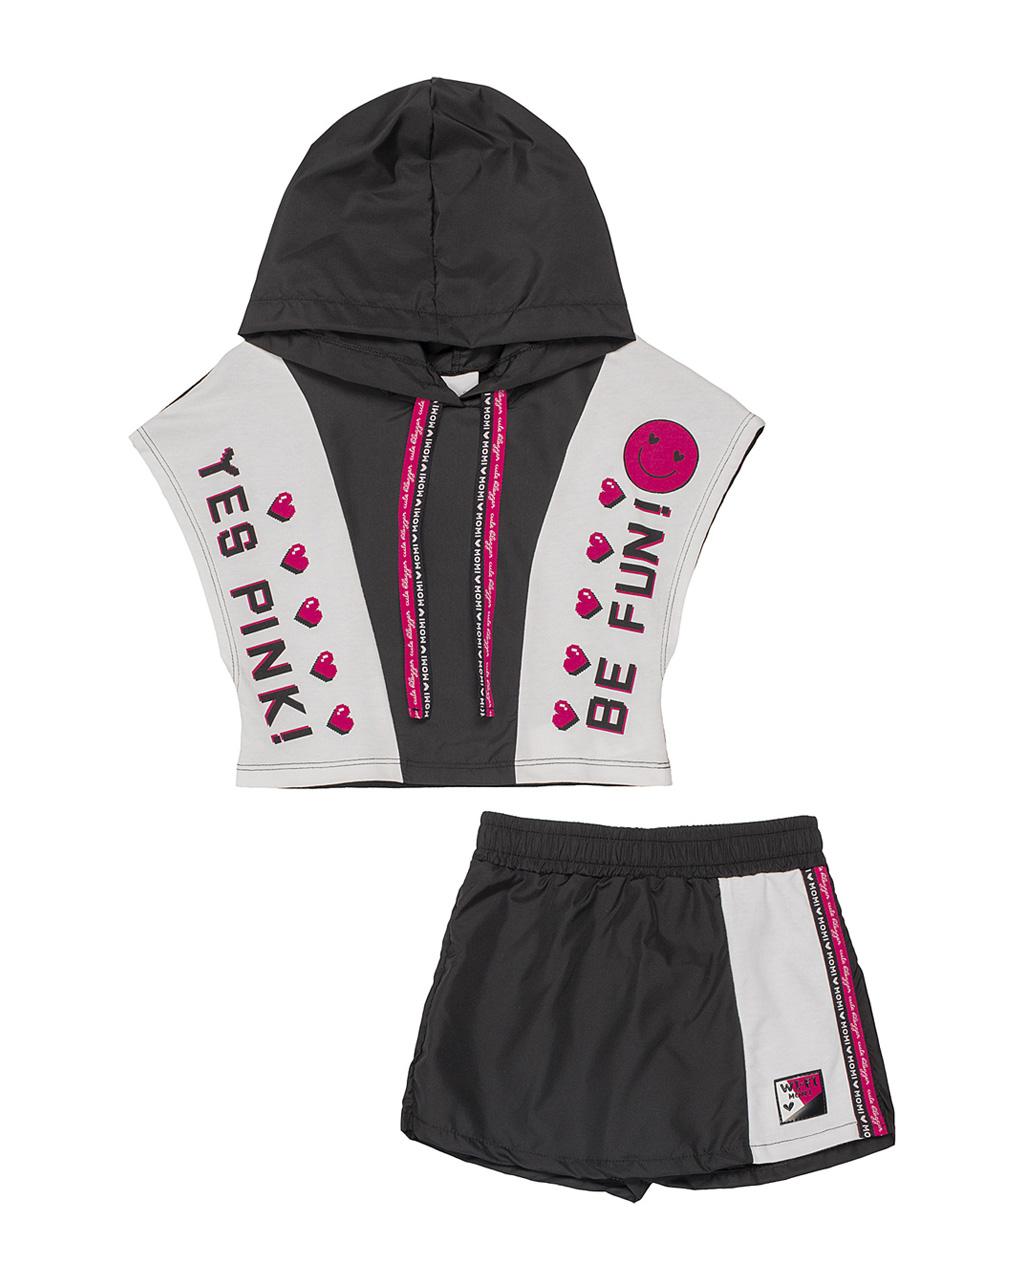 Conjunto Infantil Blusa Com Capuz Tactel E Shorts Saia Sport Tactel Preta Momi